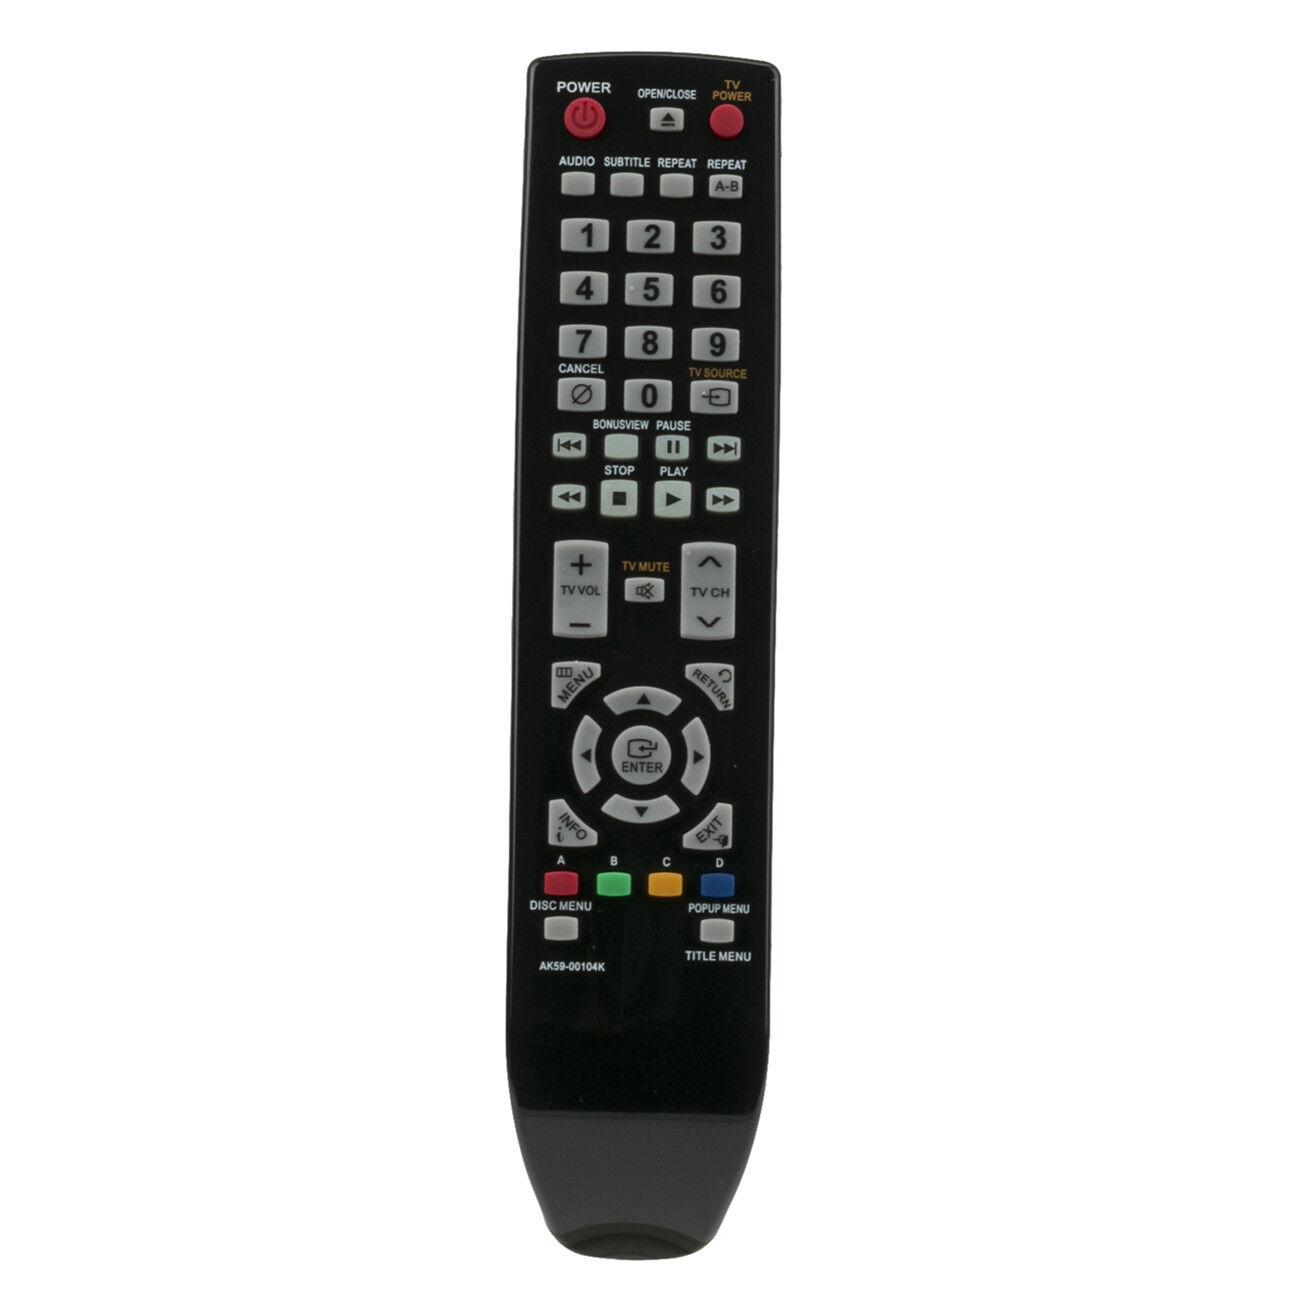 Nuevo control remoto de repuesto AK59-00104K para Samsung Soundbar BD-P1590